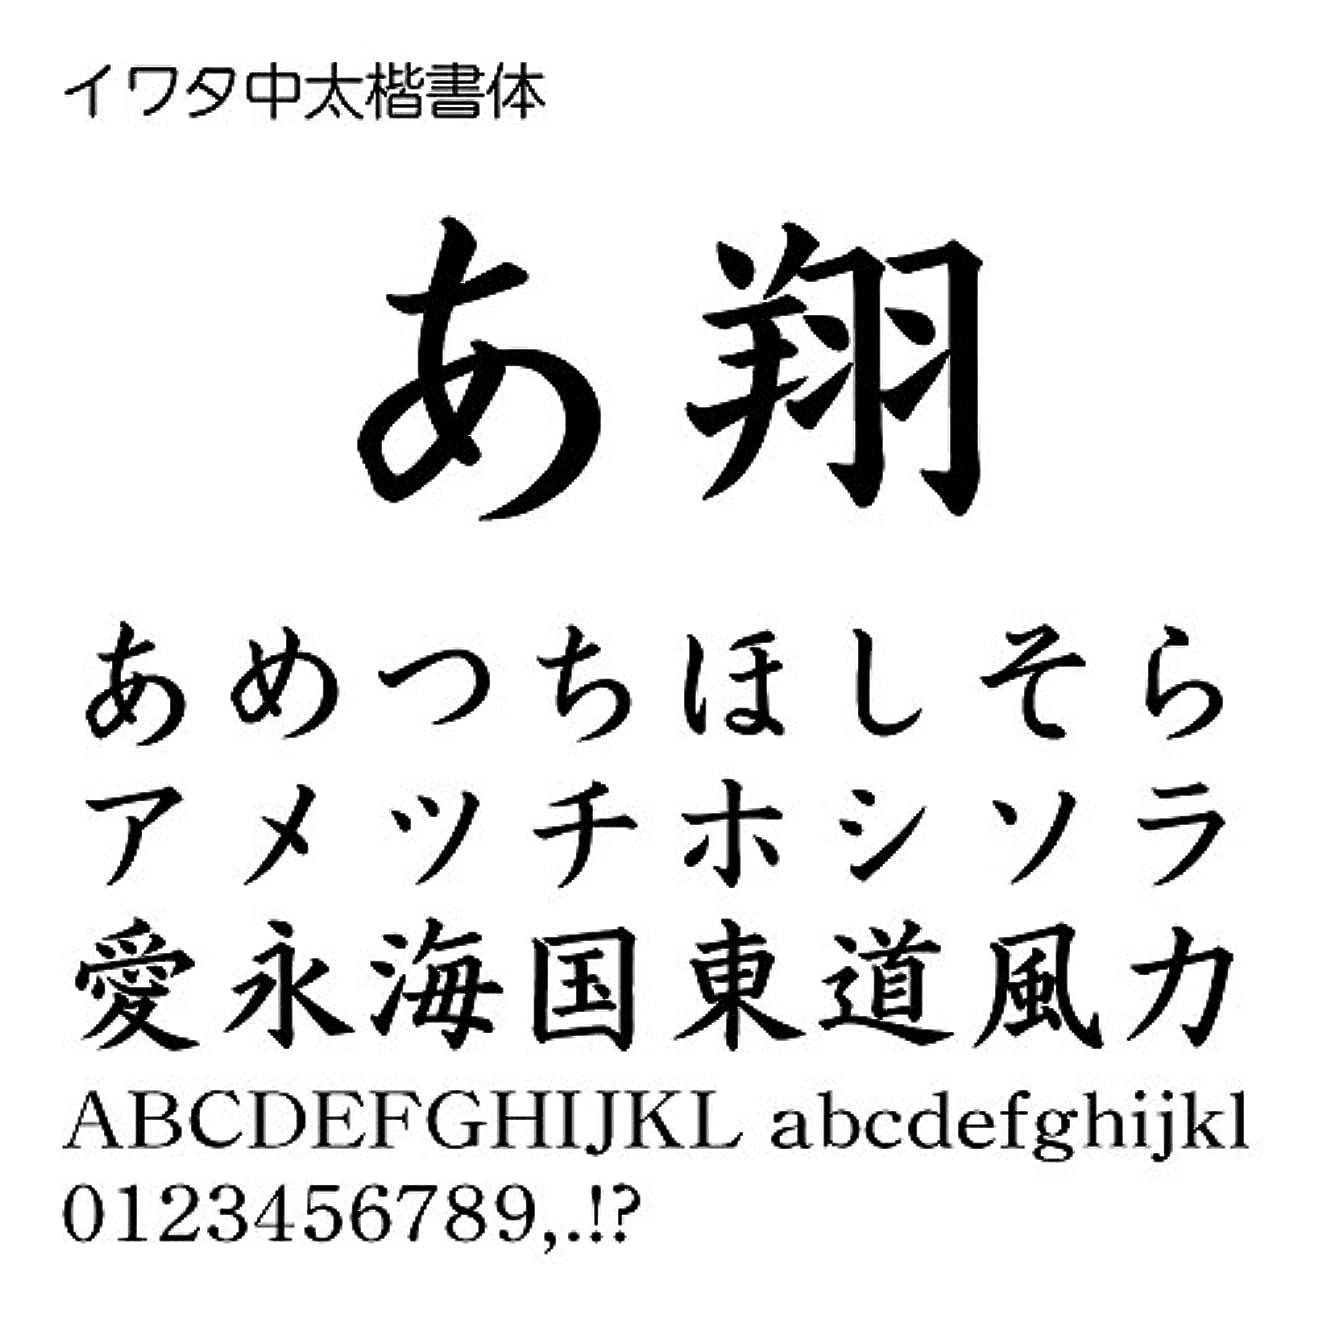 発明する君主制息切れイワタ中太楷書体Pro OpenType Font for Windows [ダウンロード]